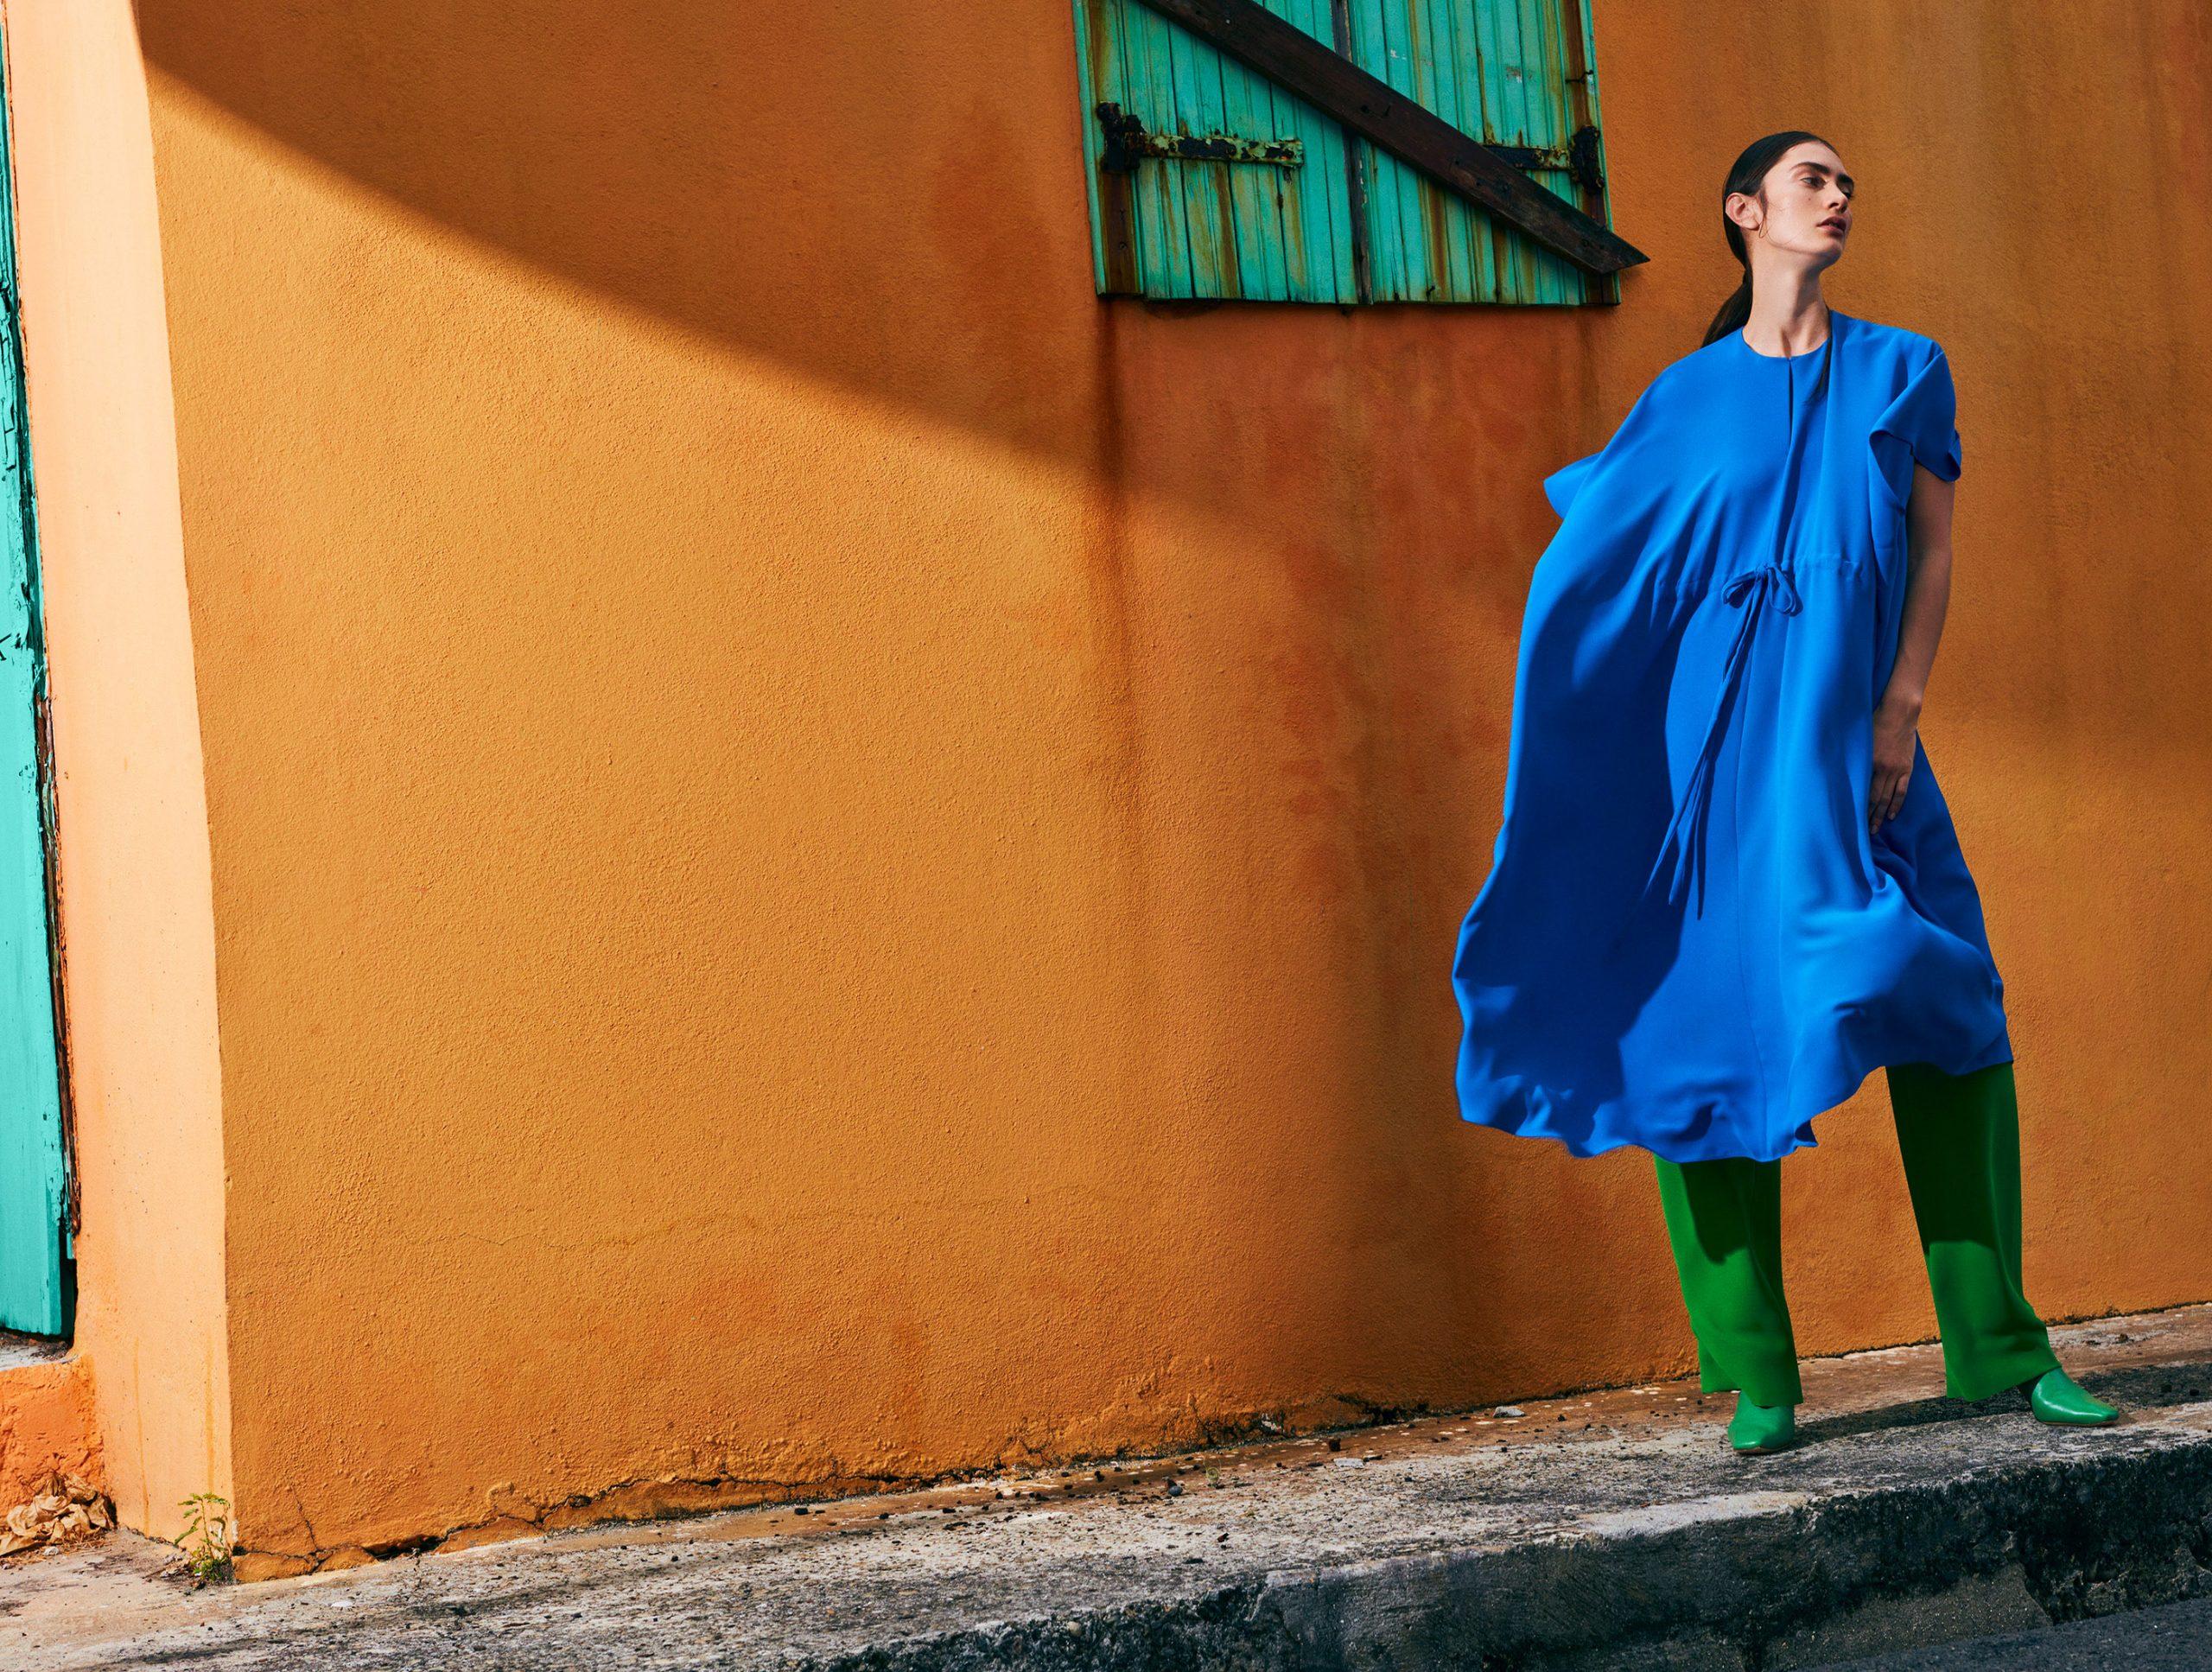 色彩人像外景 时尚图库 第5张